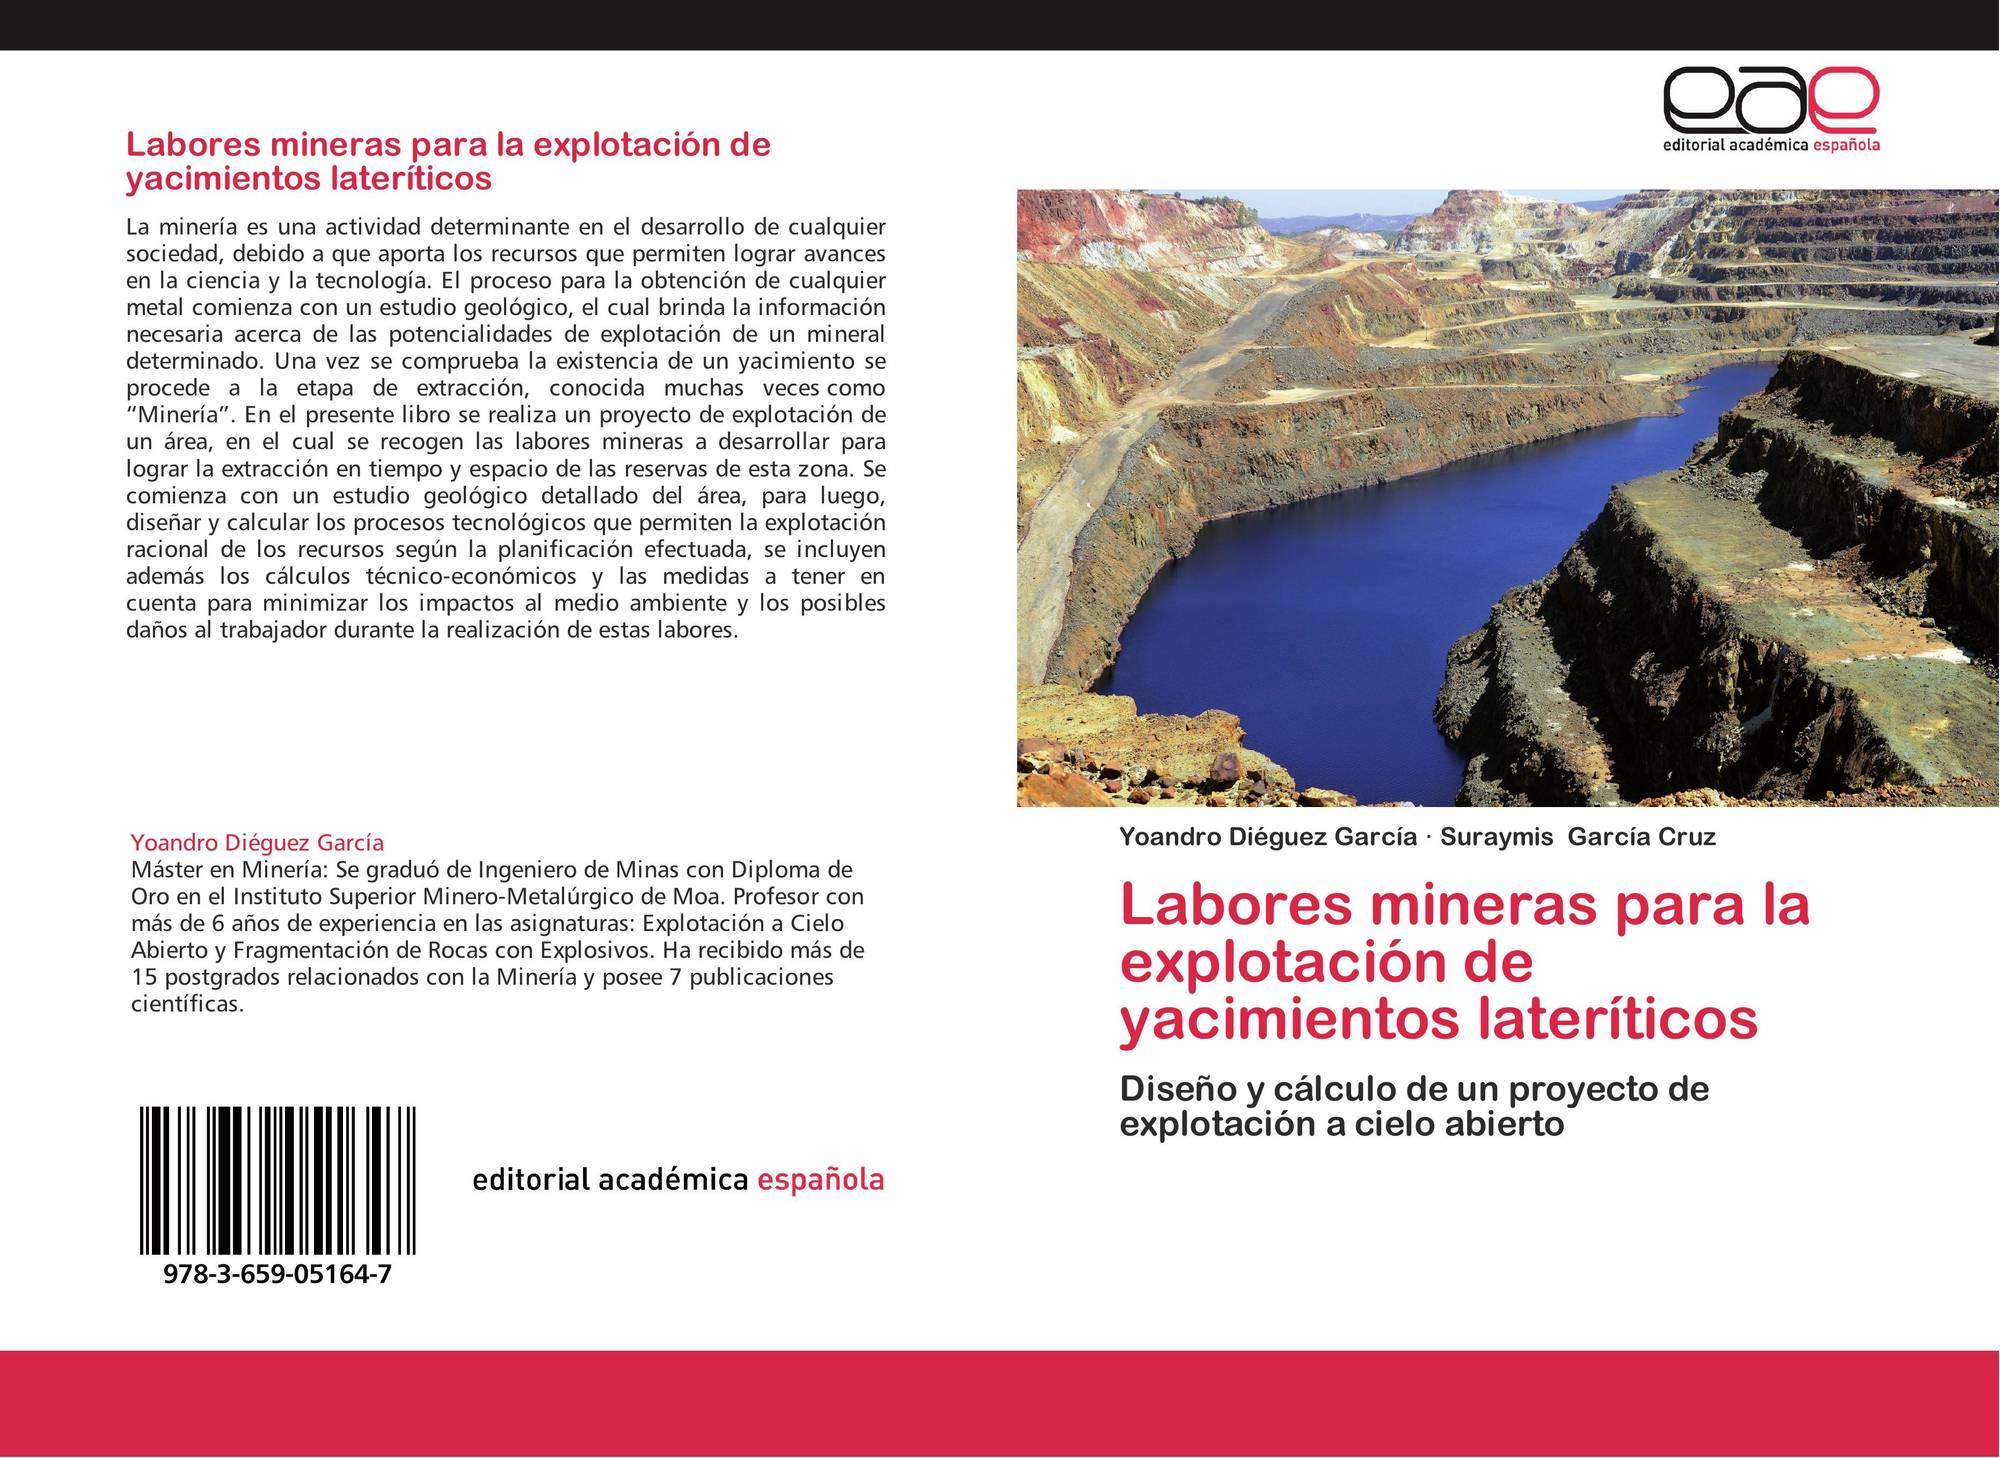 Labores mineras para la explotación de yacimientos lateríticos, 978 ...